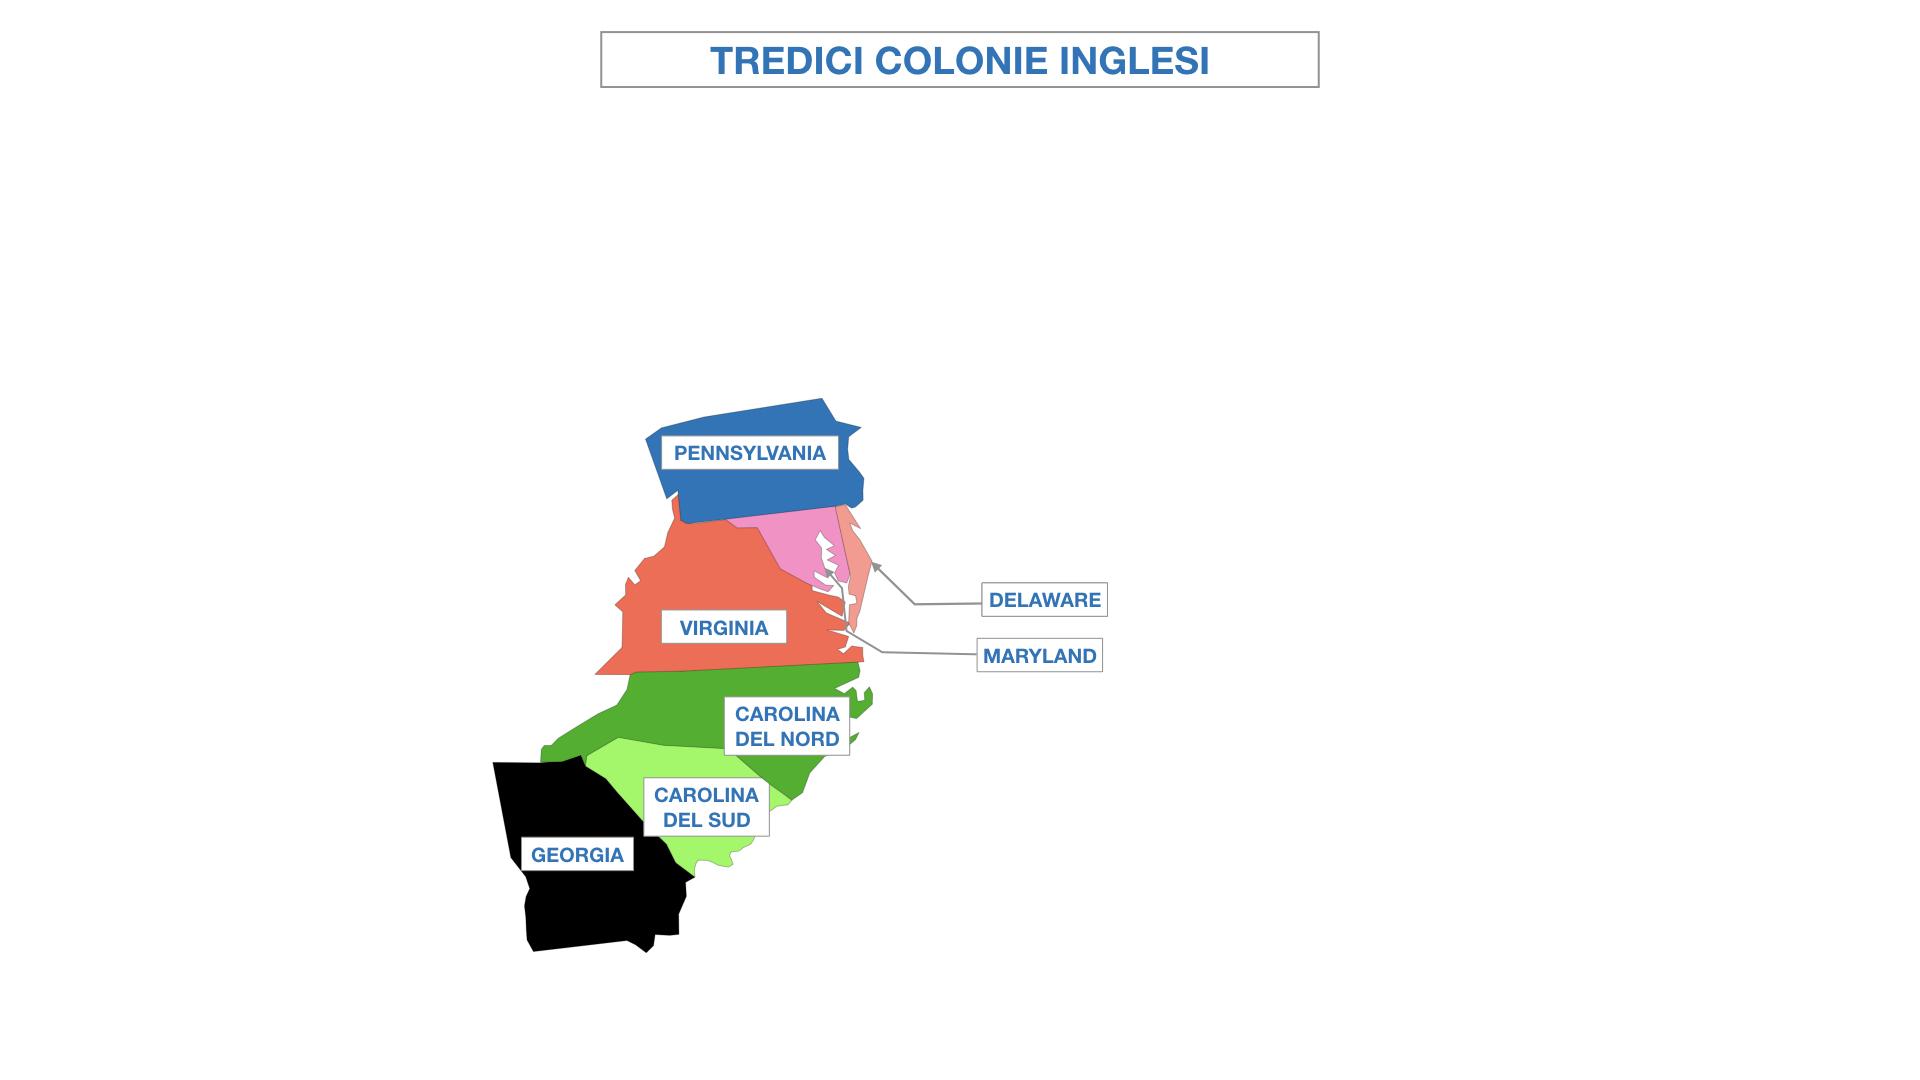 AMERICA LE TREDICI COLONIE INGLESI SIMULAZIONE.029